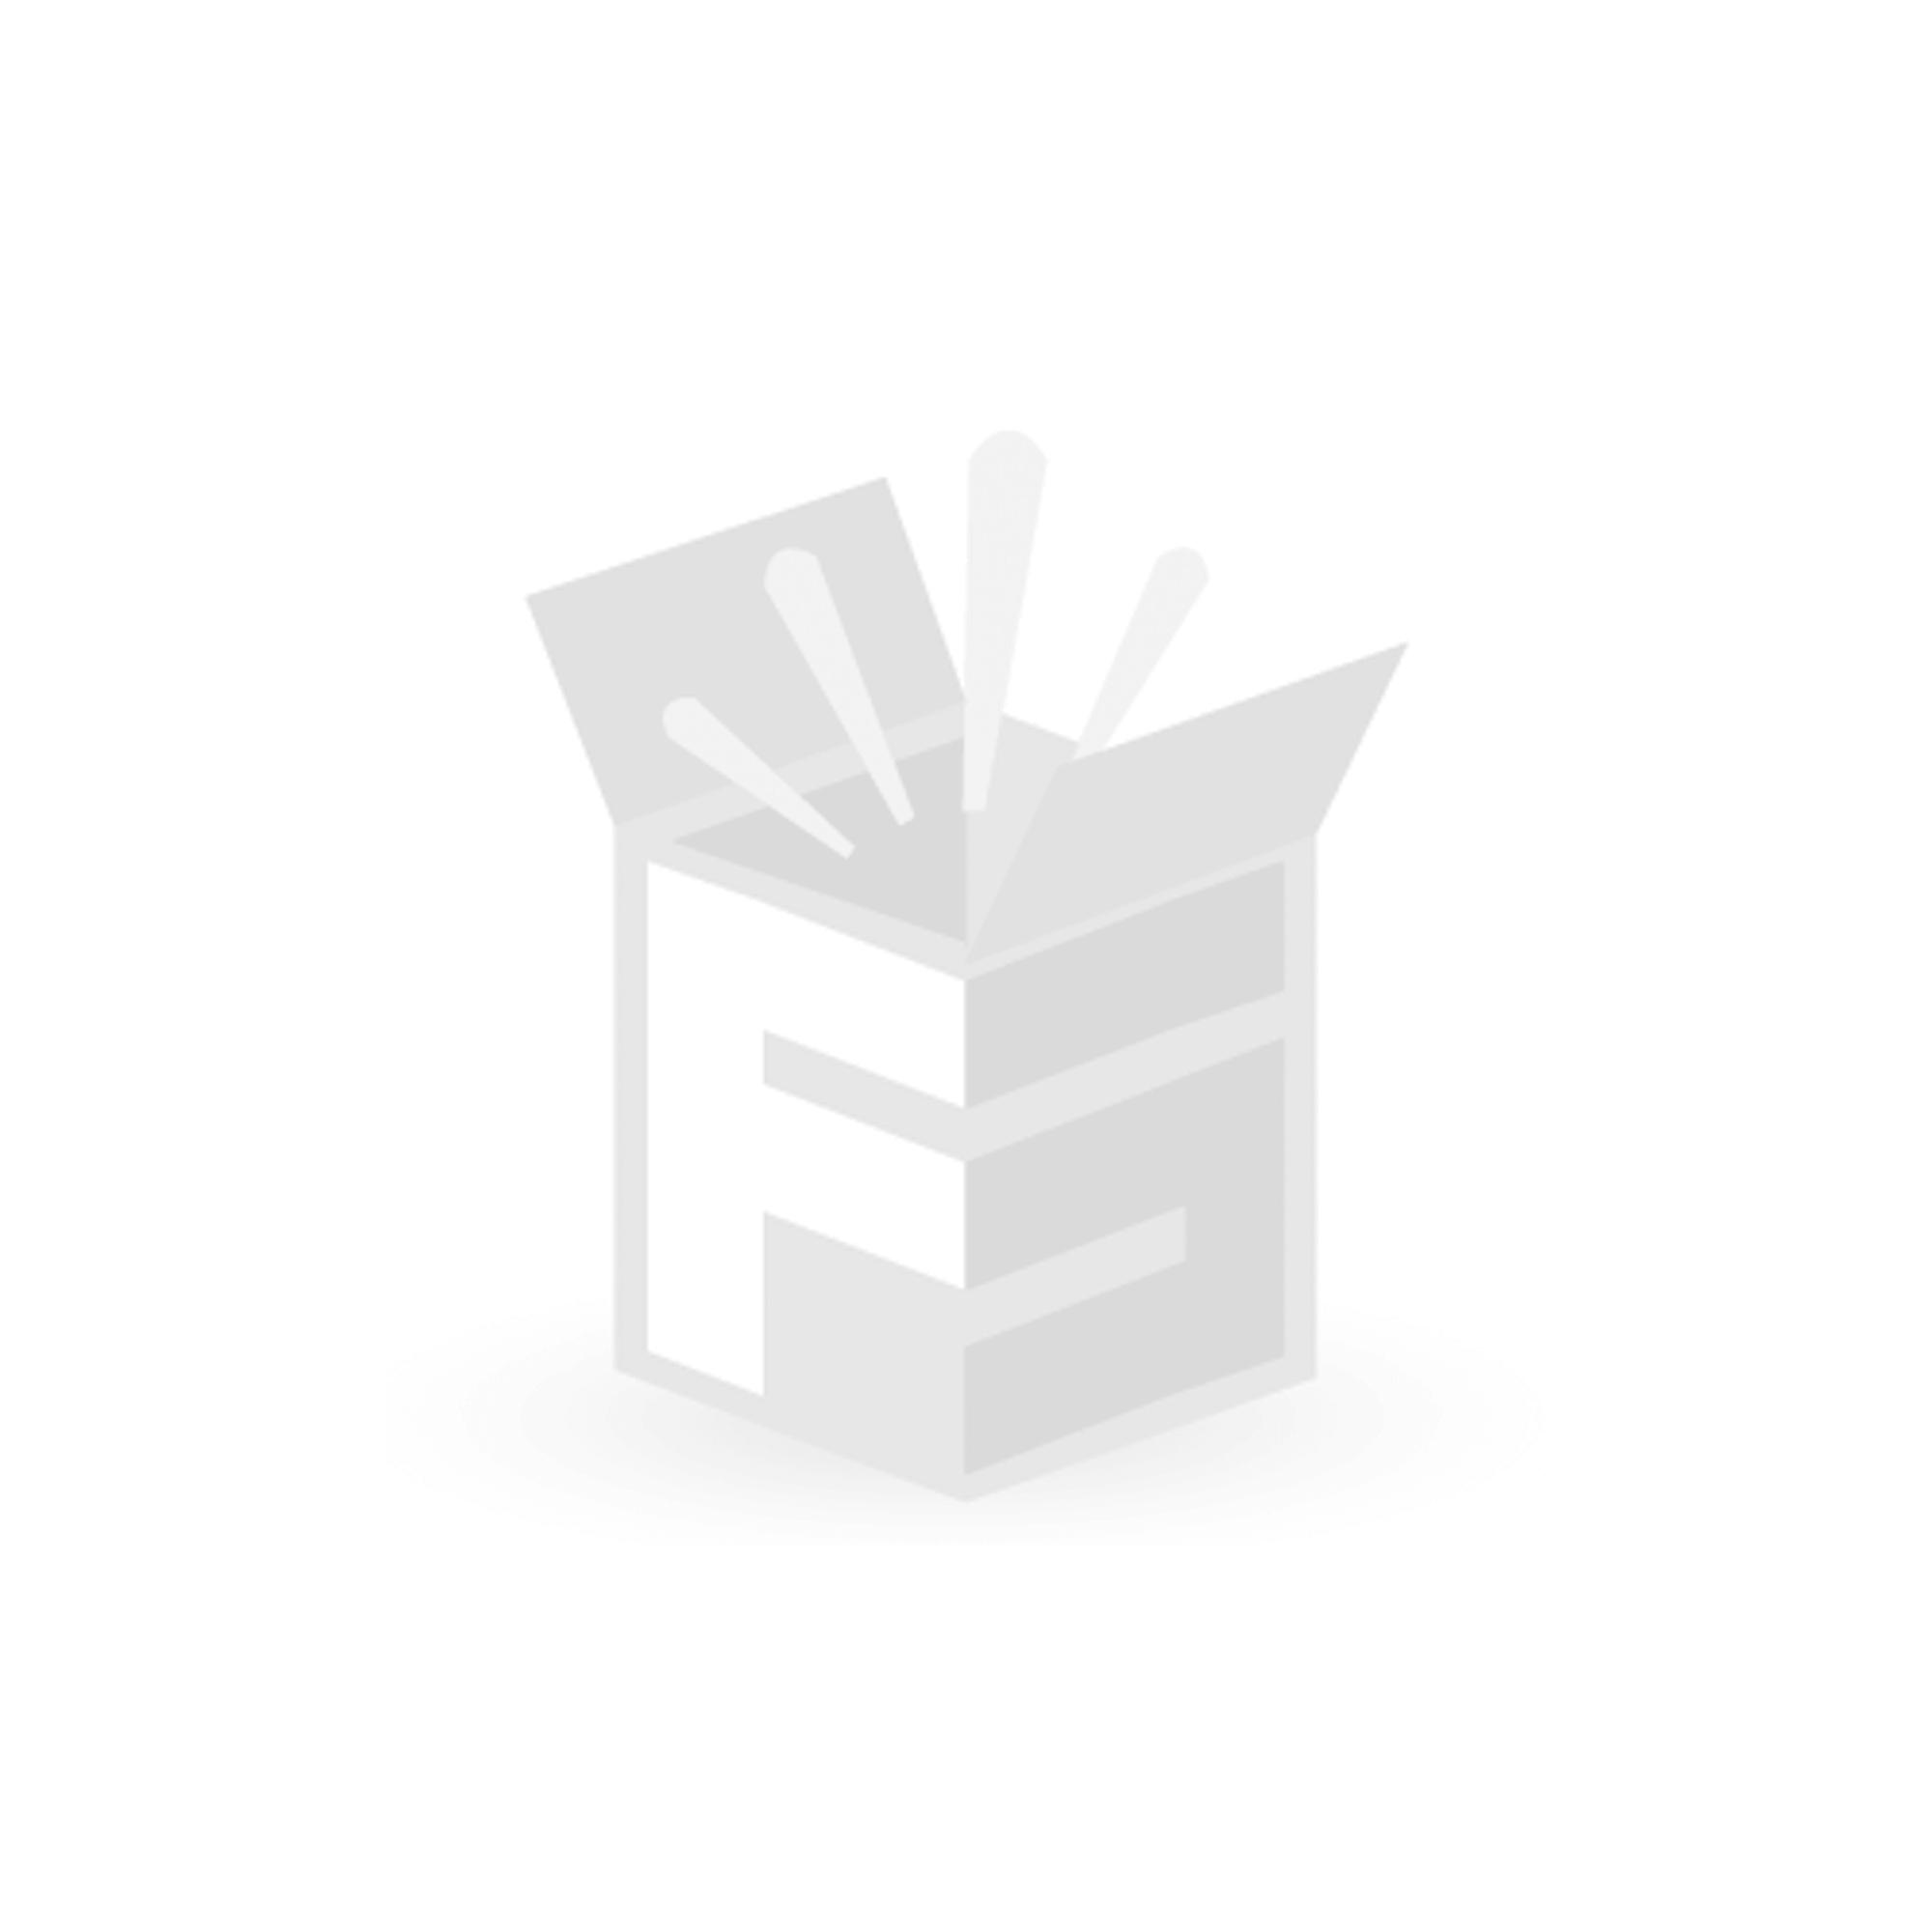 Kibernetik Anlageschalter 1x CEE32A, 5-polig, abschliessbar